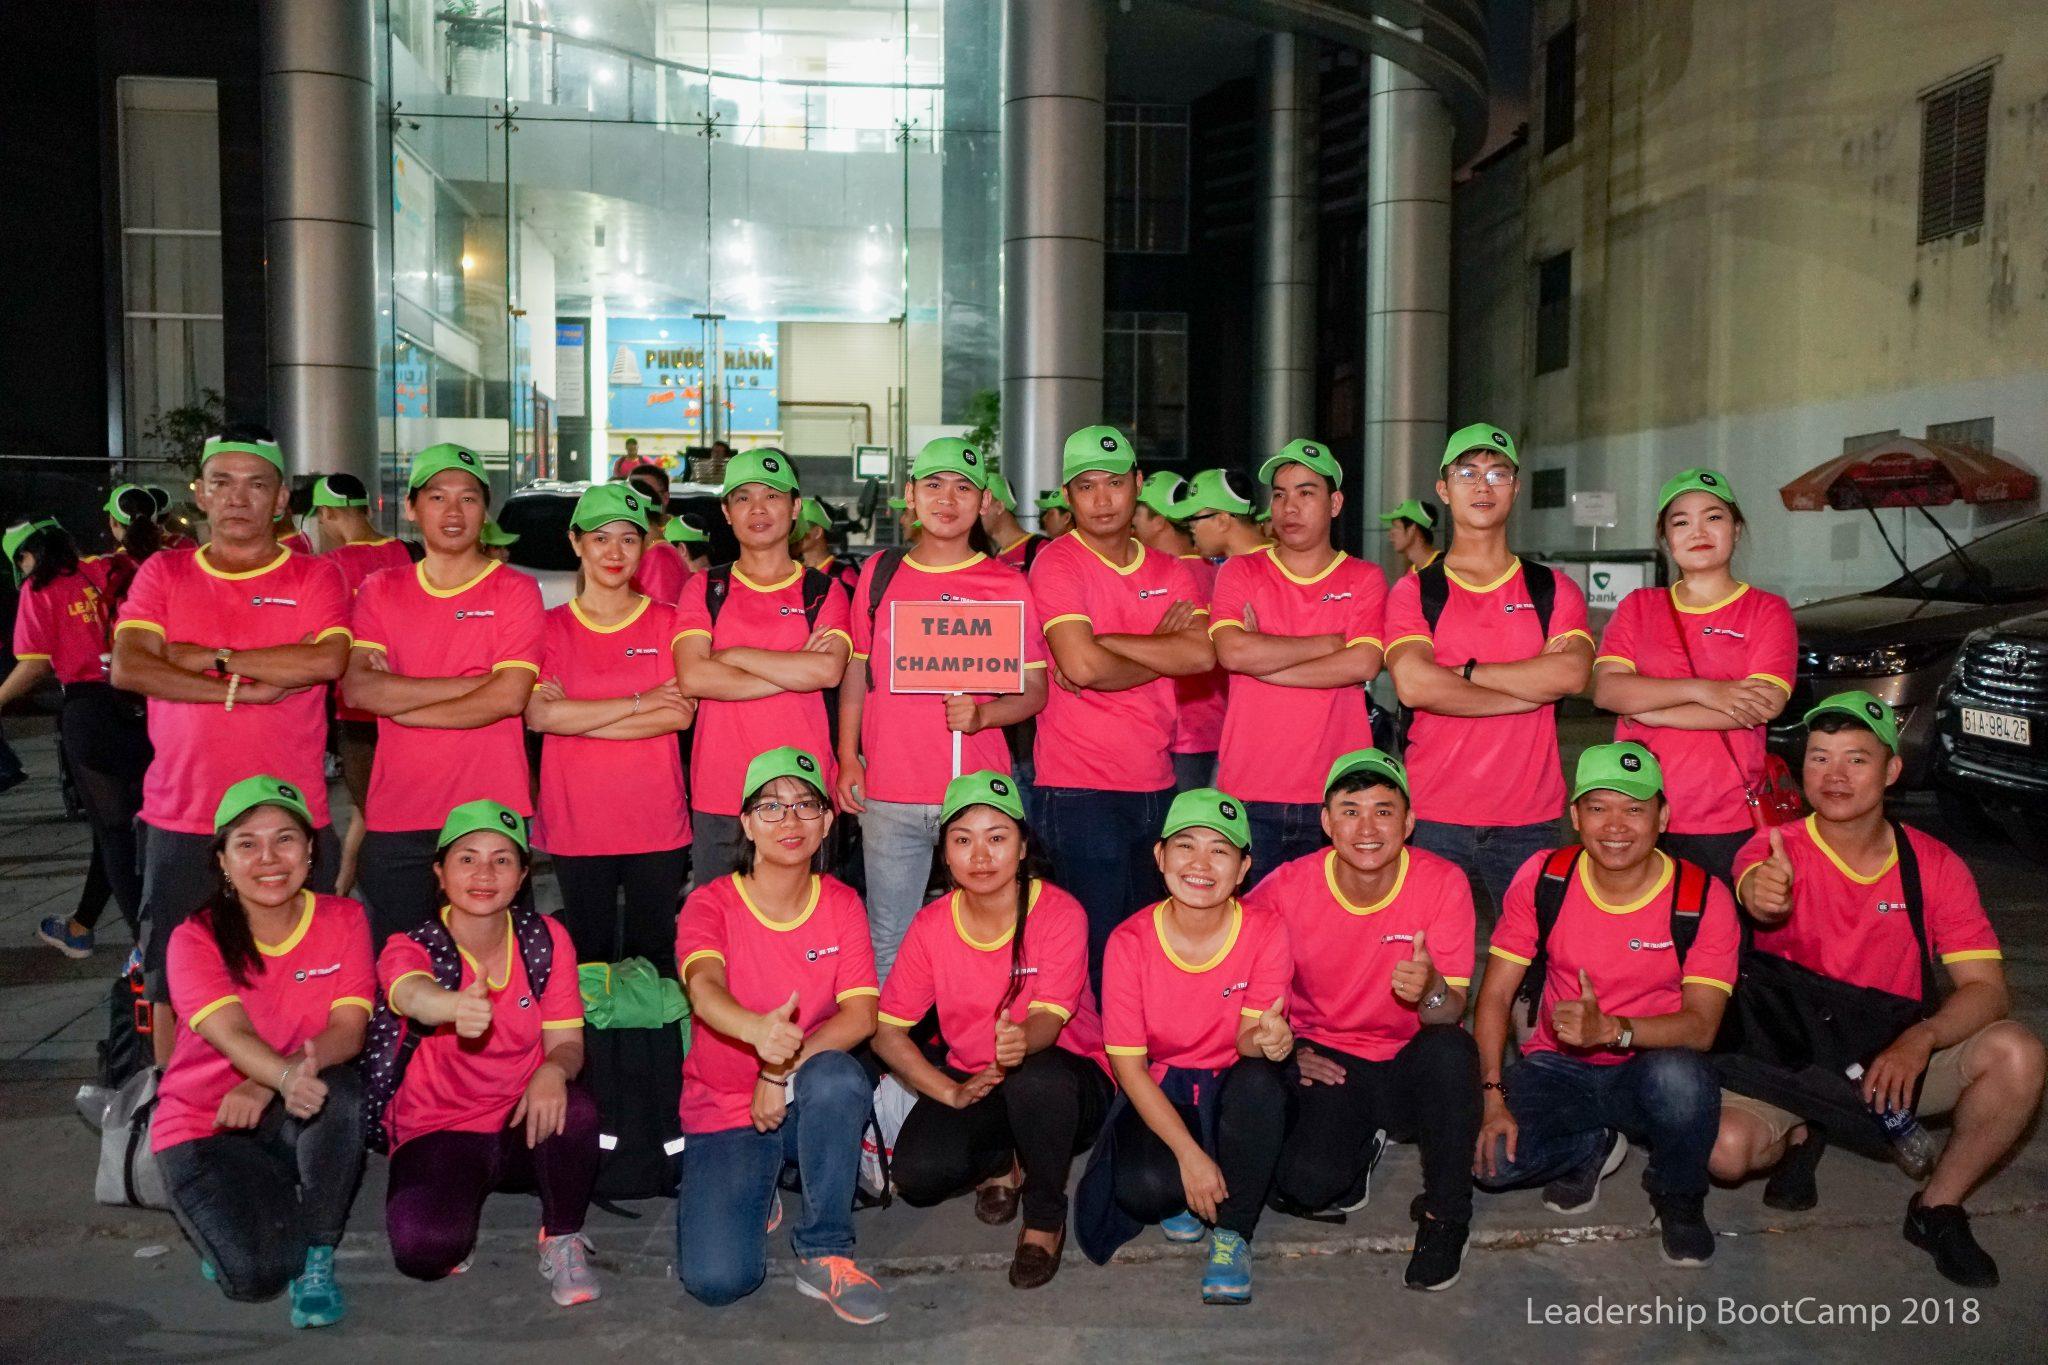 Team Champion với slogan kết nối để thành công.